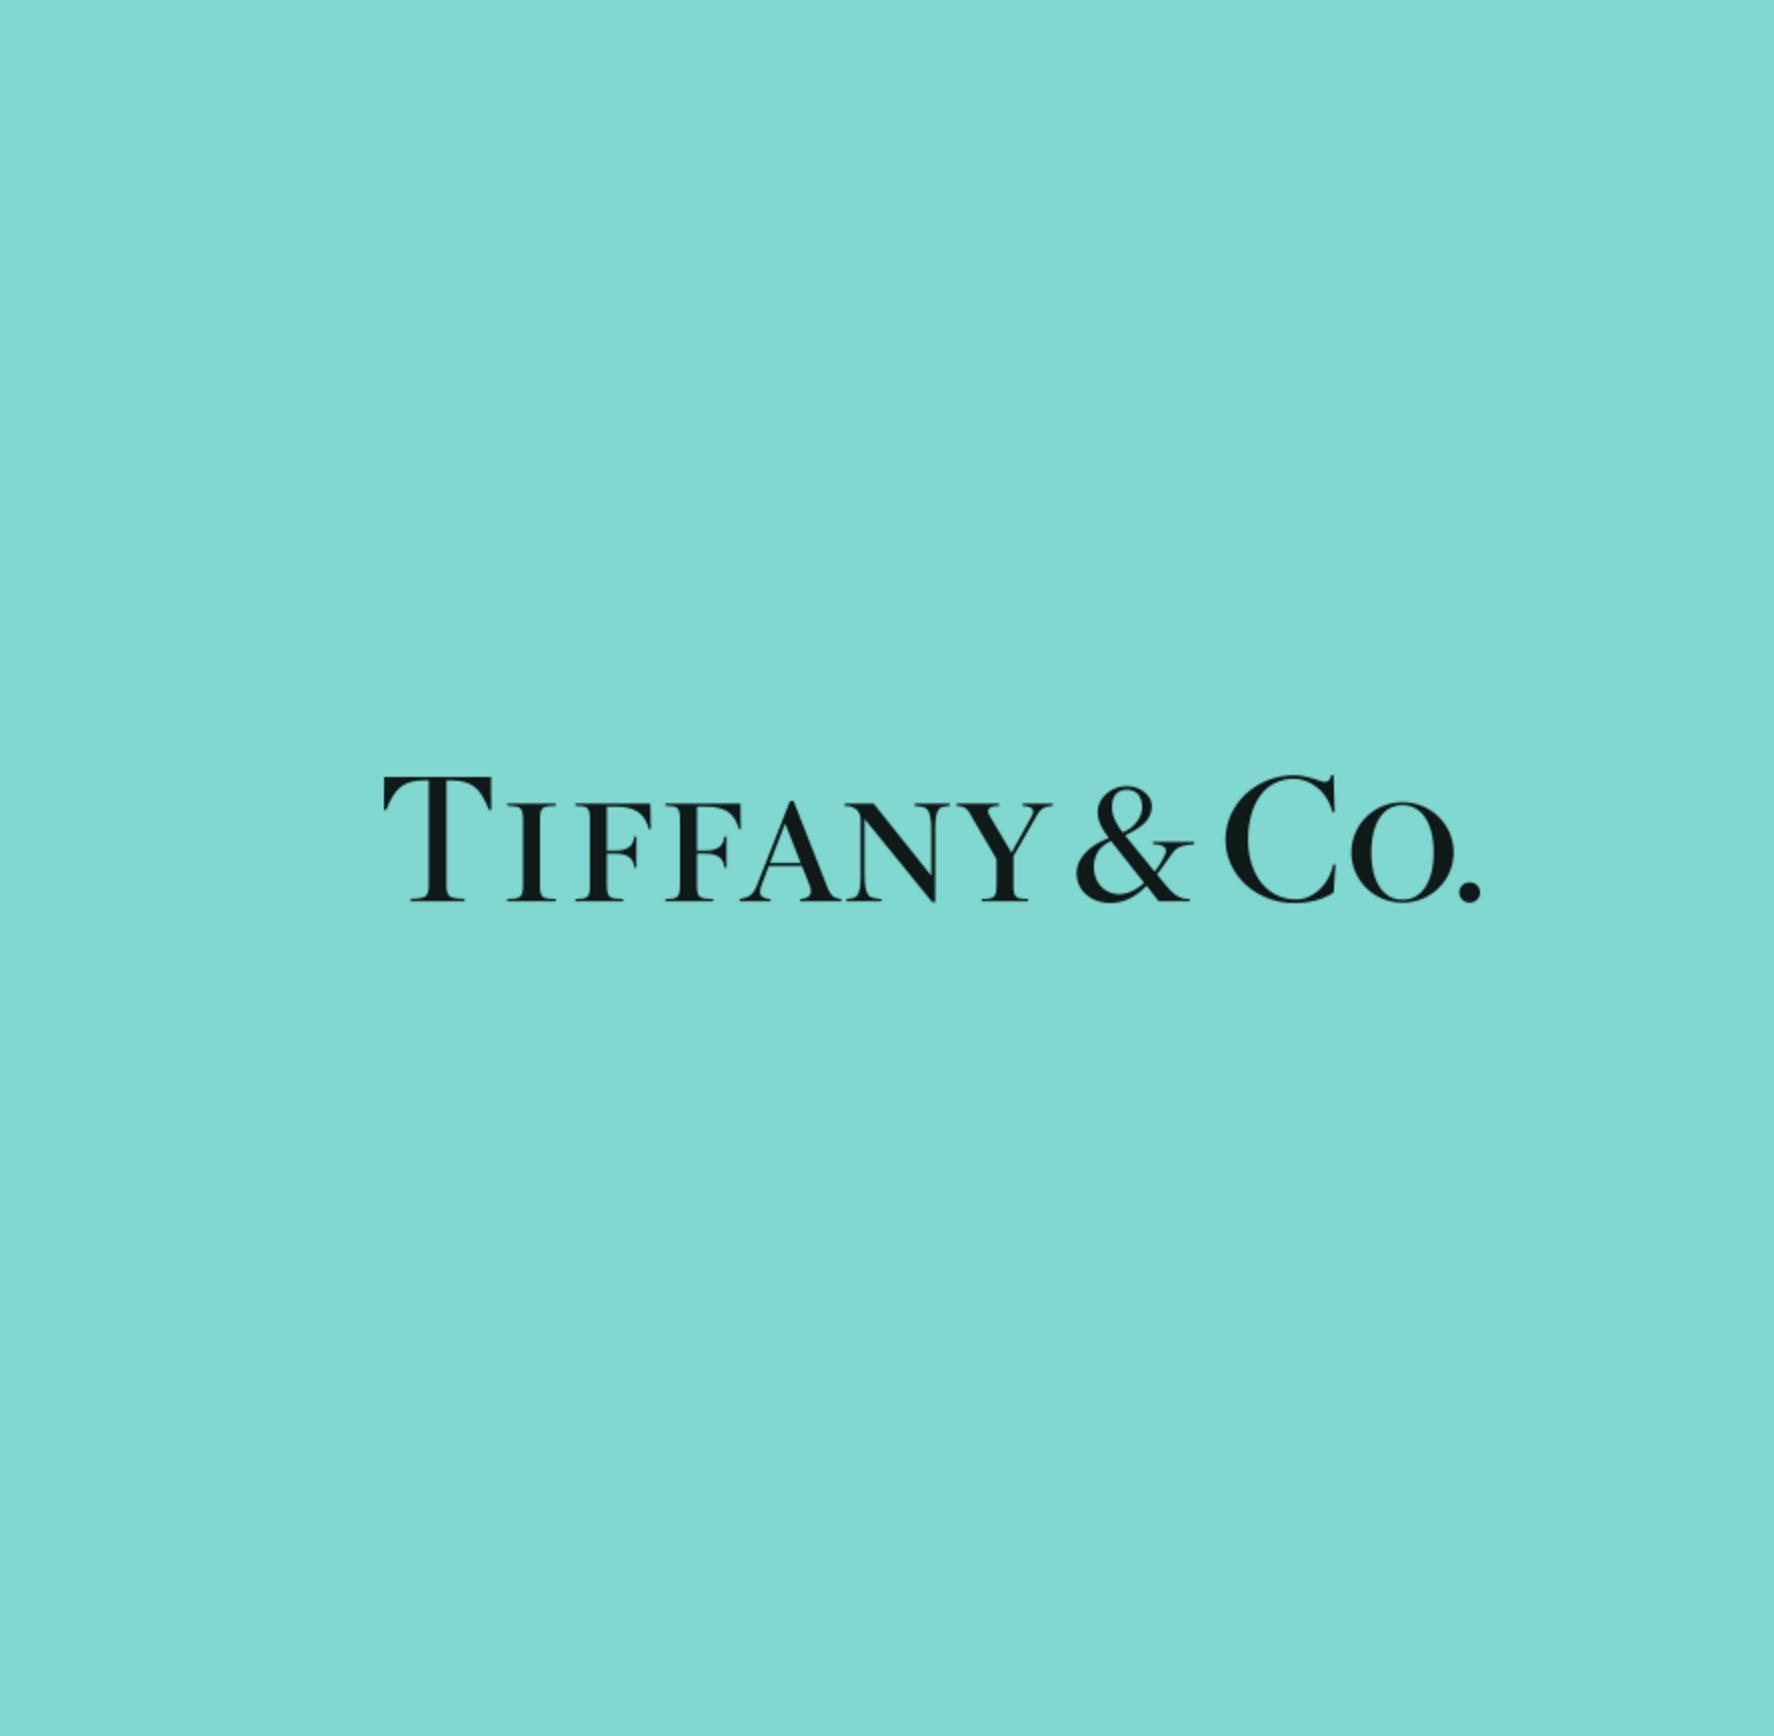 tiffany logo gioielli